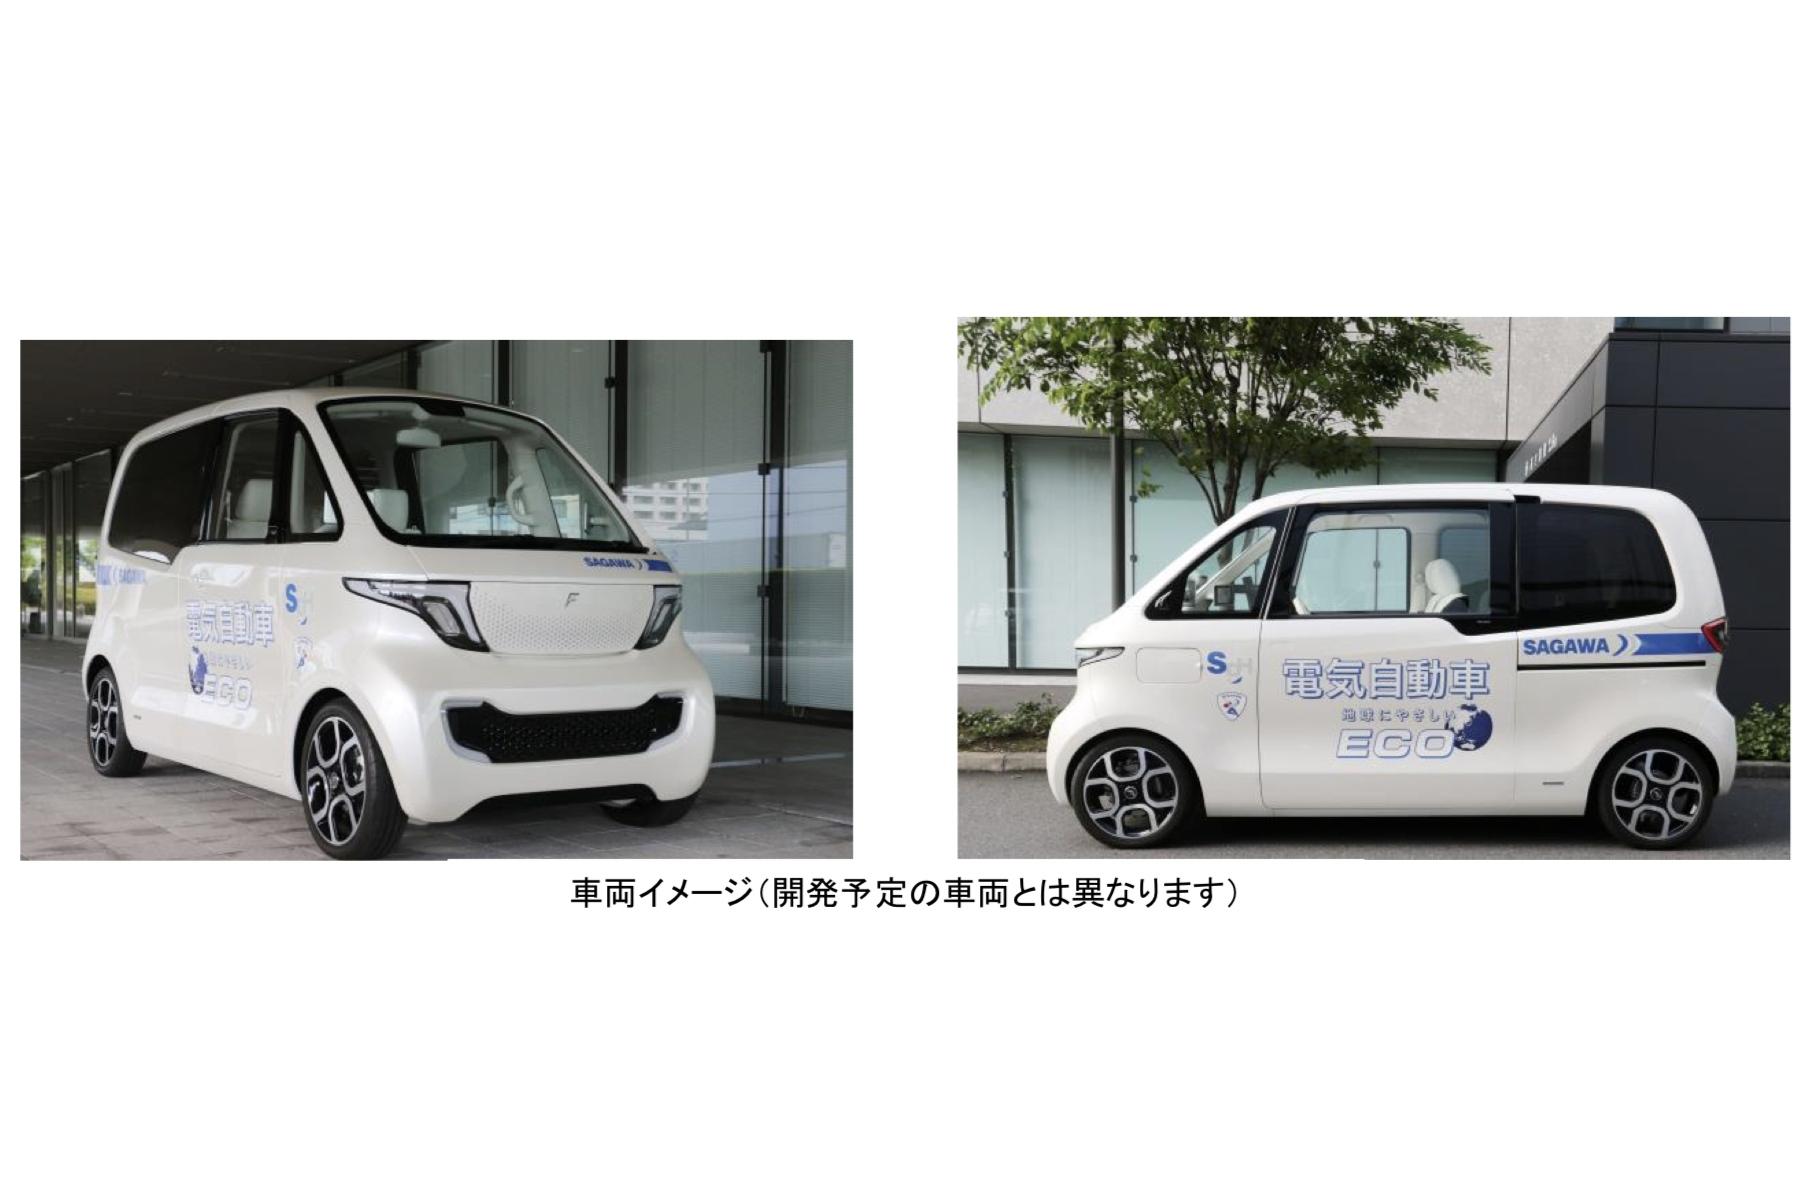 佐川急便×ASF | 小型電気自動車の共同開発・実証実験を開始